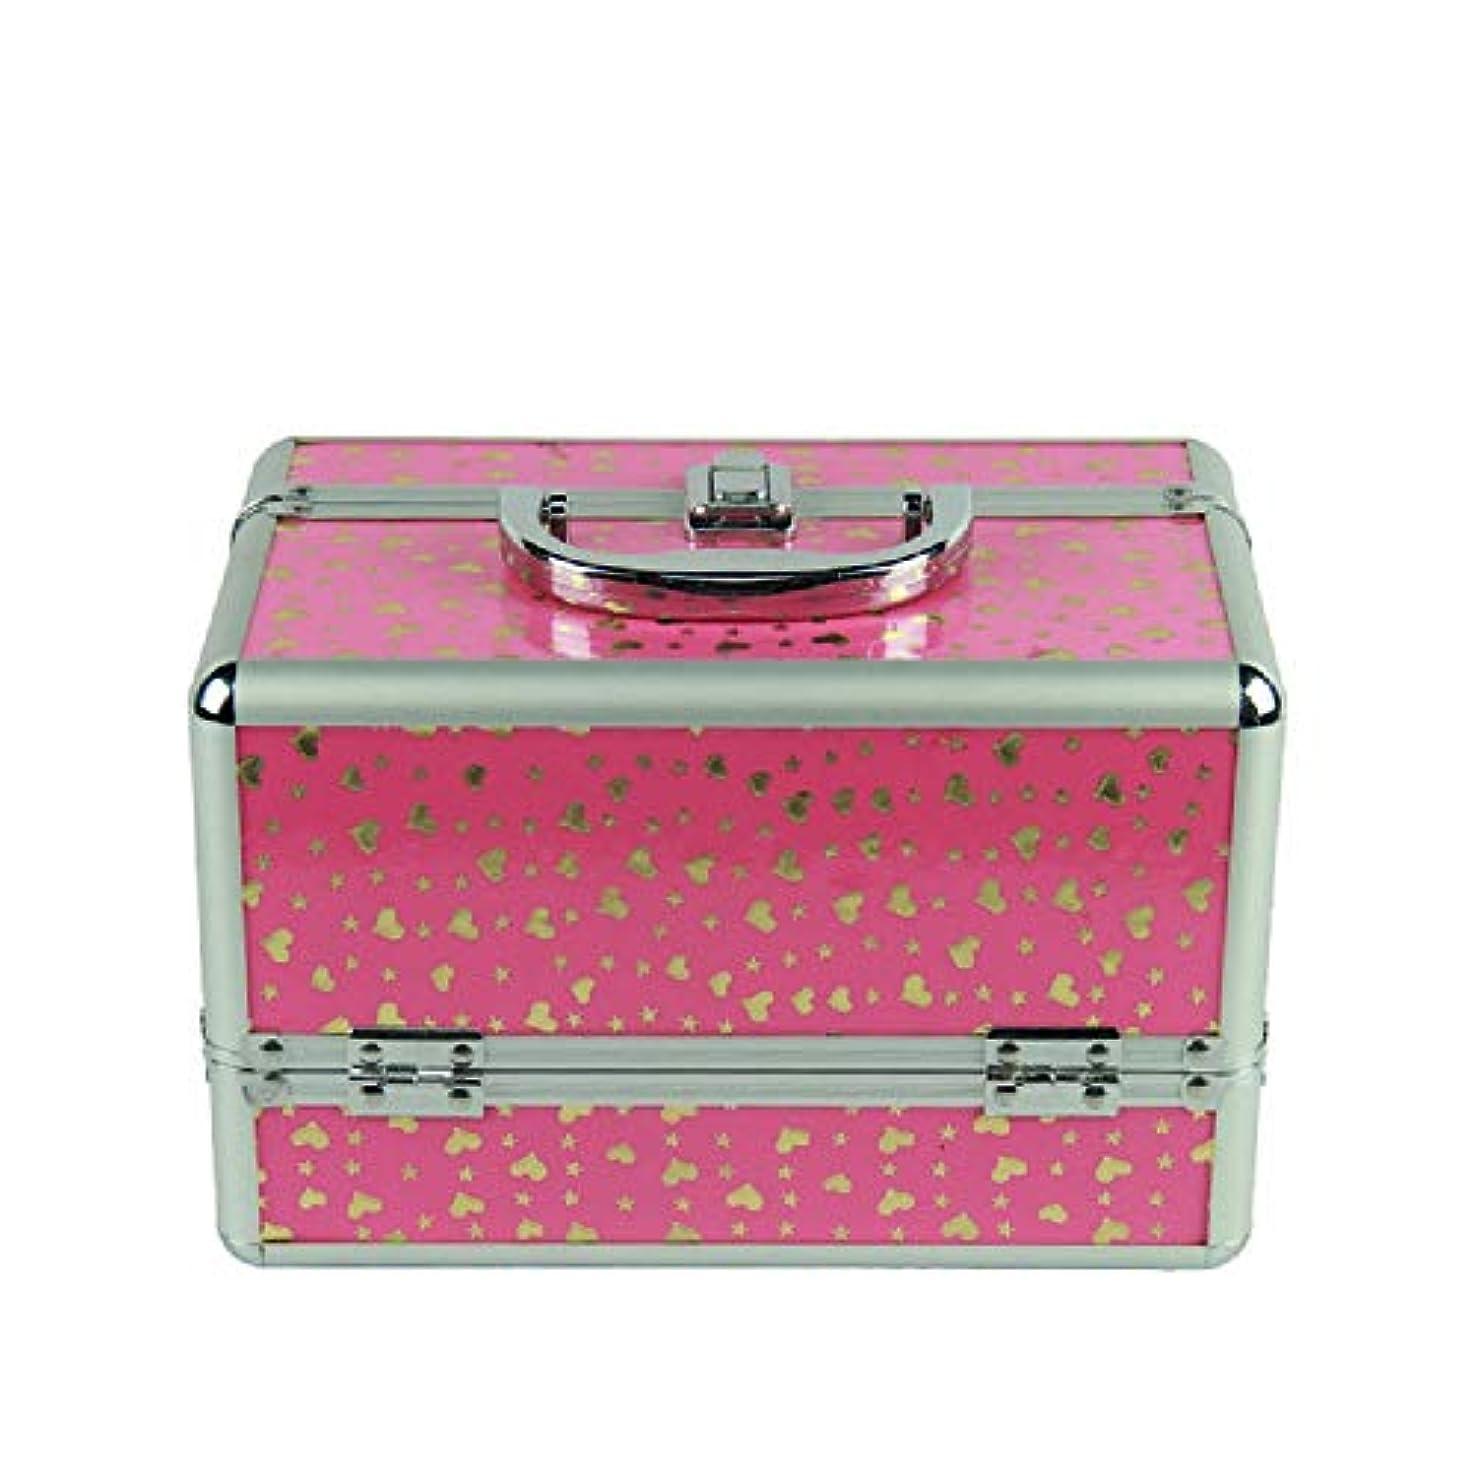 化粧オーガナイザーバッグ 旅行用アクセサリーのための絶妙なポータブル化粧品ケースシャンプーボディウォッシュパーソナルアイテムロックとスライディングトレイ付きストレージ 化粧品ケース